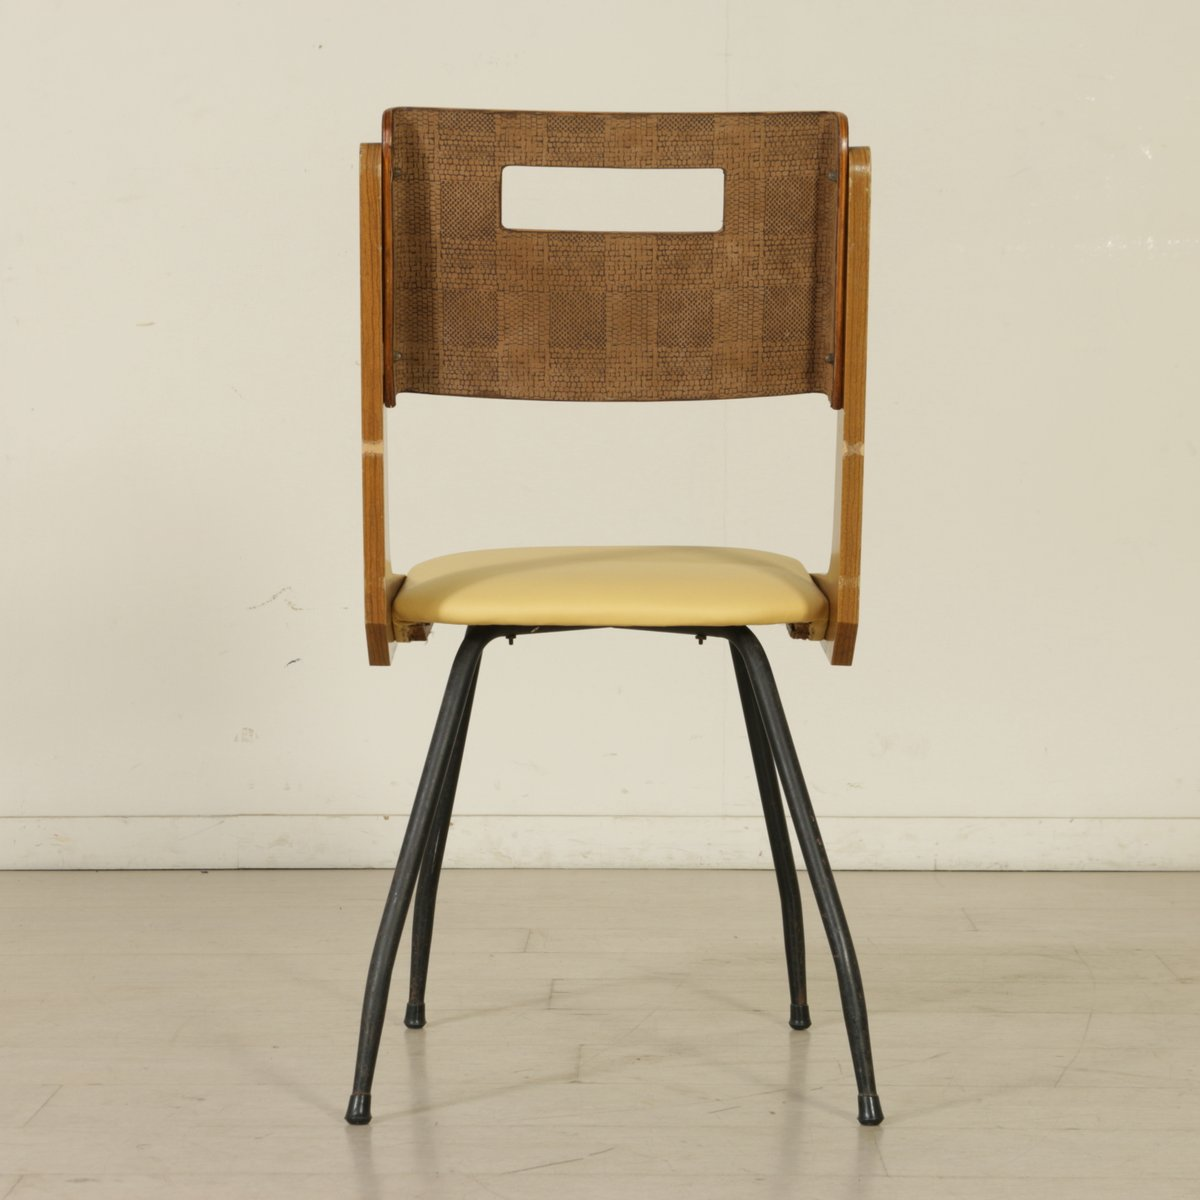 italienische vintage eichenholz st hle mit bezug 5er set bei pamono kaufen. Black Bedroom Furniture Sets. Home Design Ideas